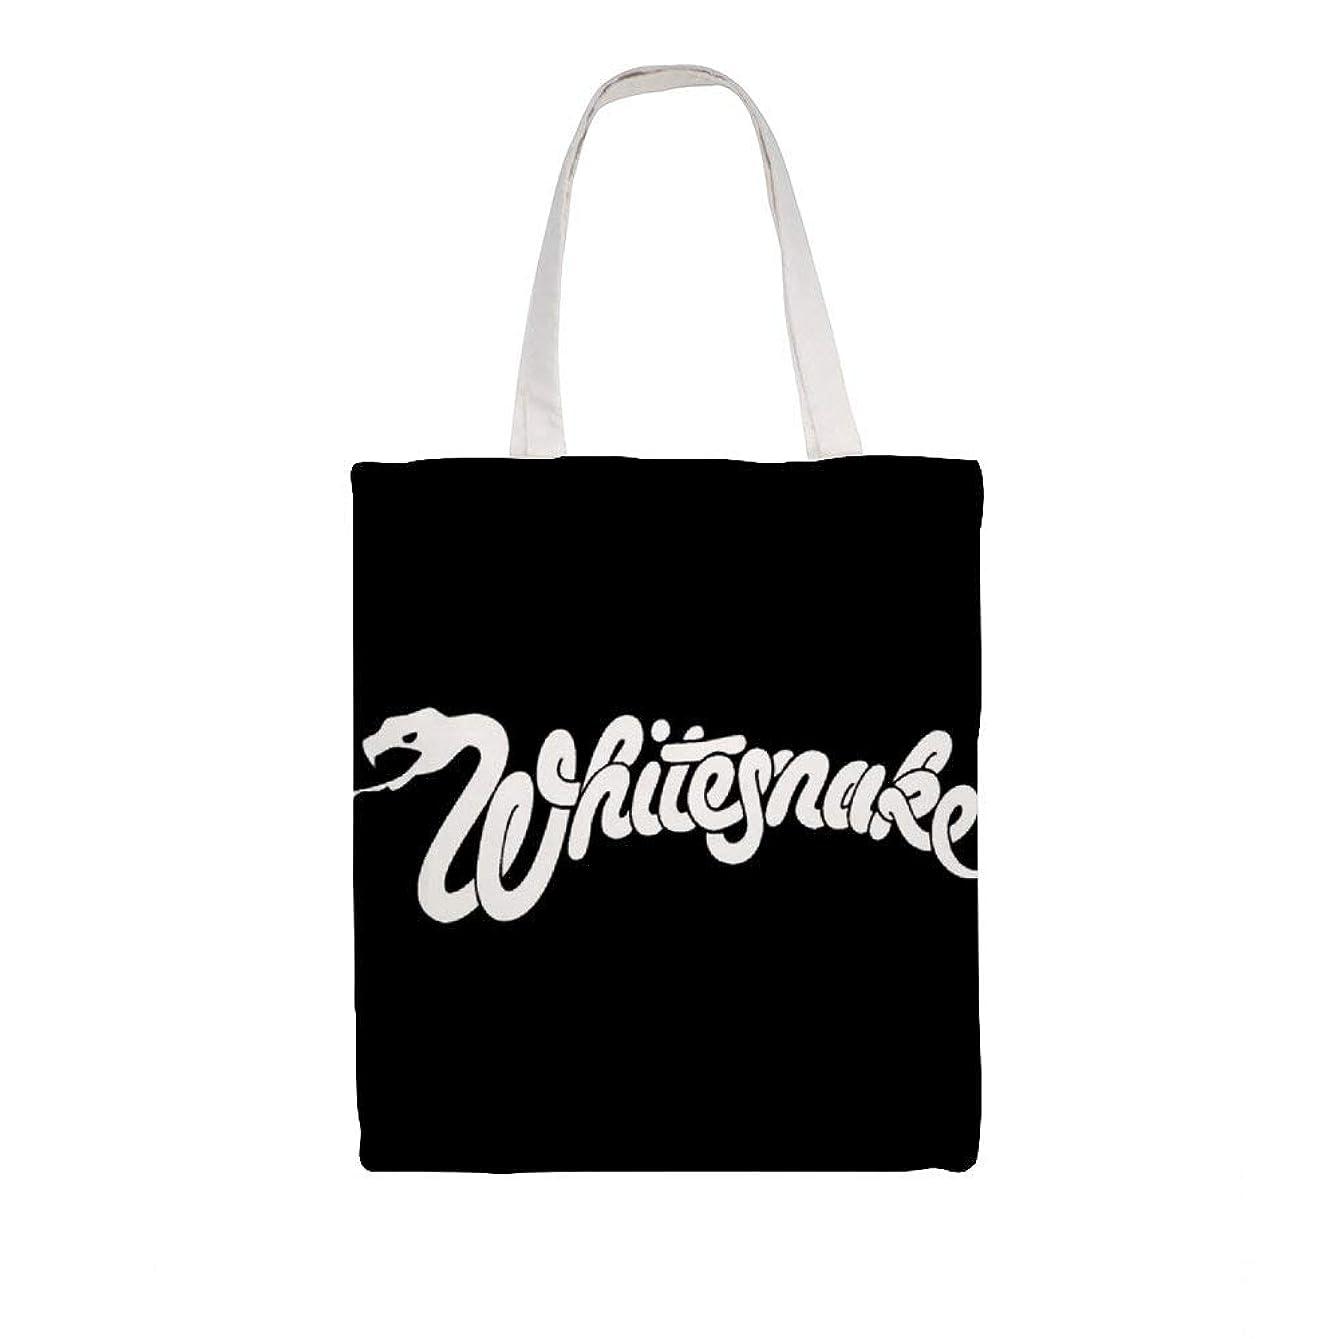 精神医学敵対的勝利したズックバッグ トートバッグ 手提げ袋 大容量 ショルダー 買い物 旅行 質感 収納便利 耐久性 人気 おしゃれ 軽量 鞄 Whitesnake Logo 38*41cm